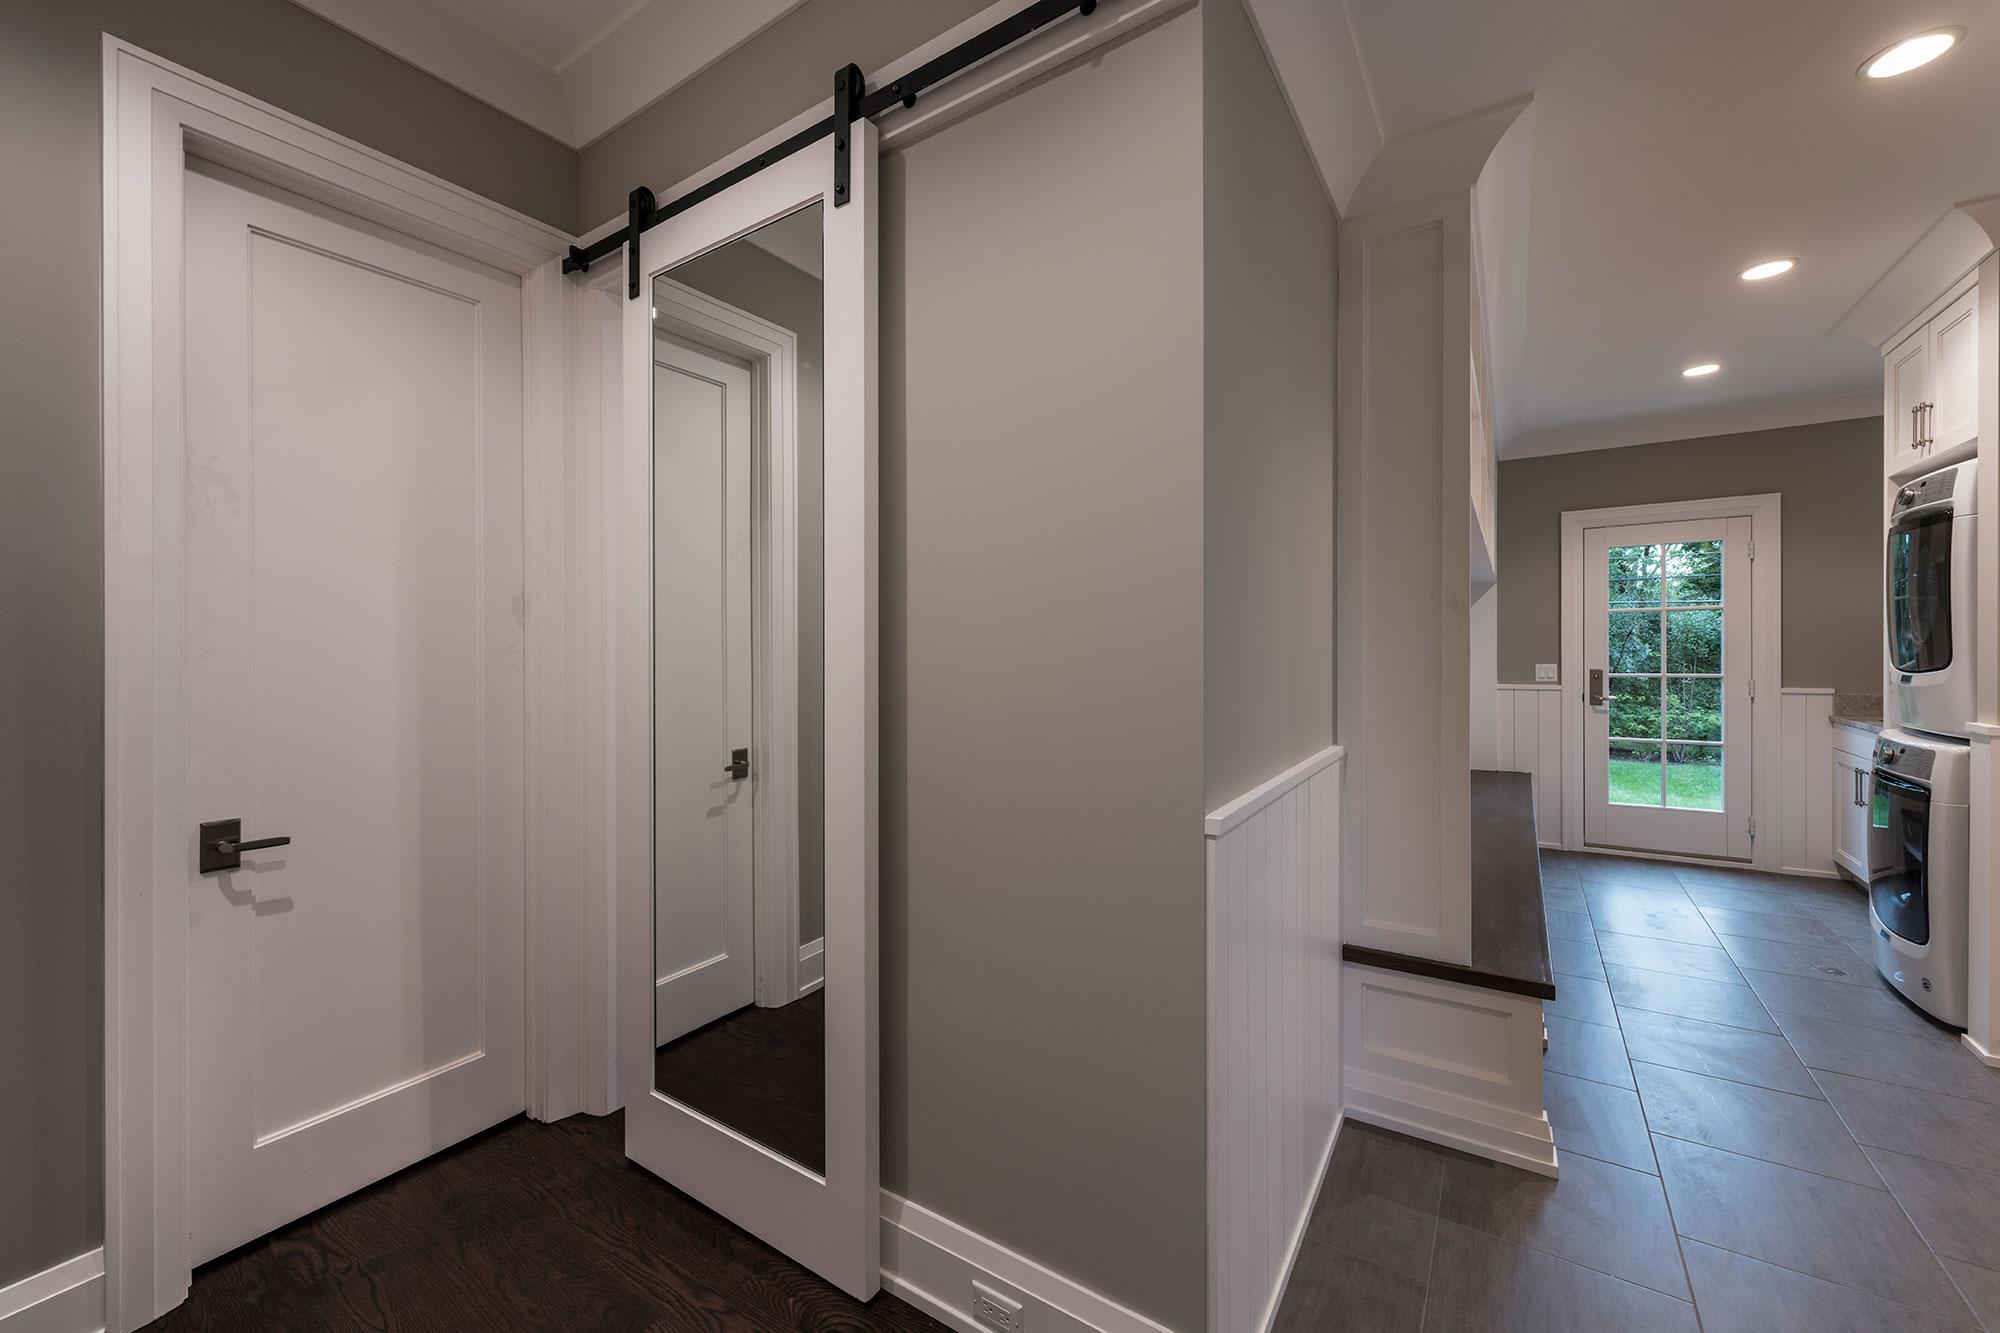 Custom Wood Interior Doors | paint grade barn door with mirror  - Glenview Doors - Custom Doors in Chicago